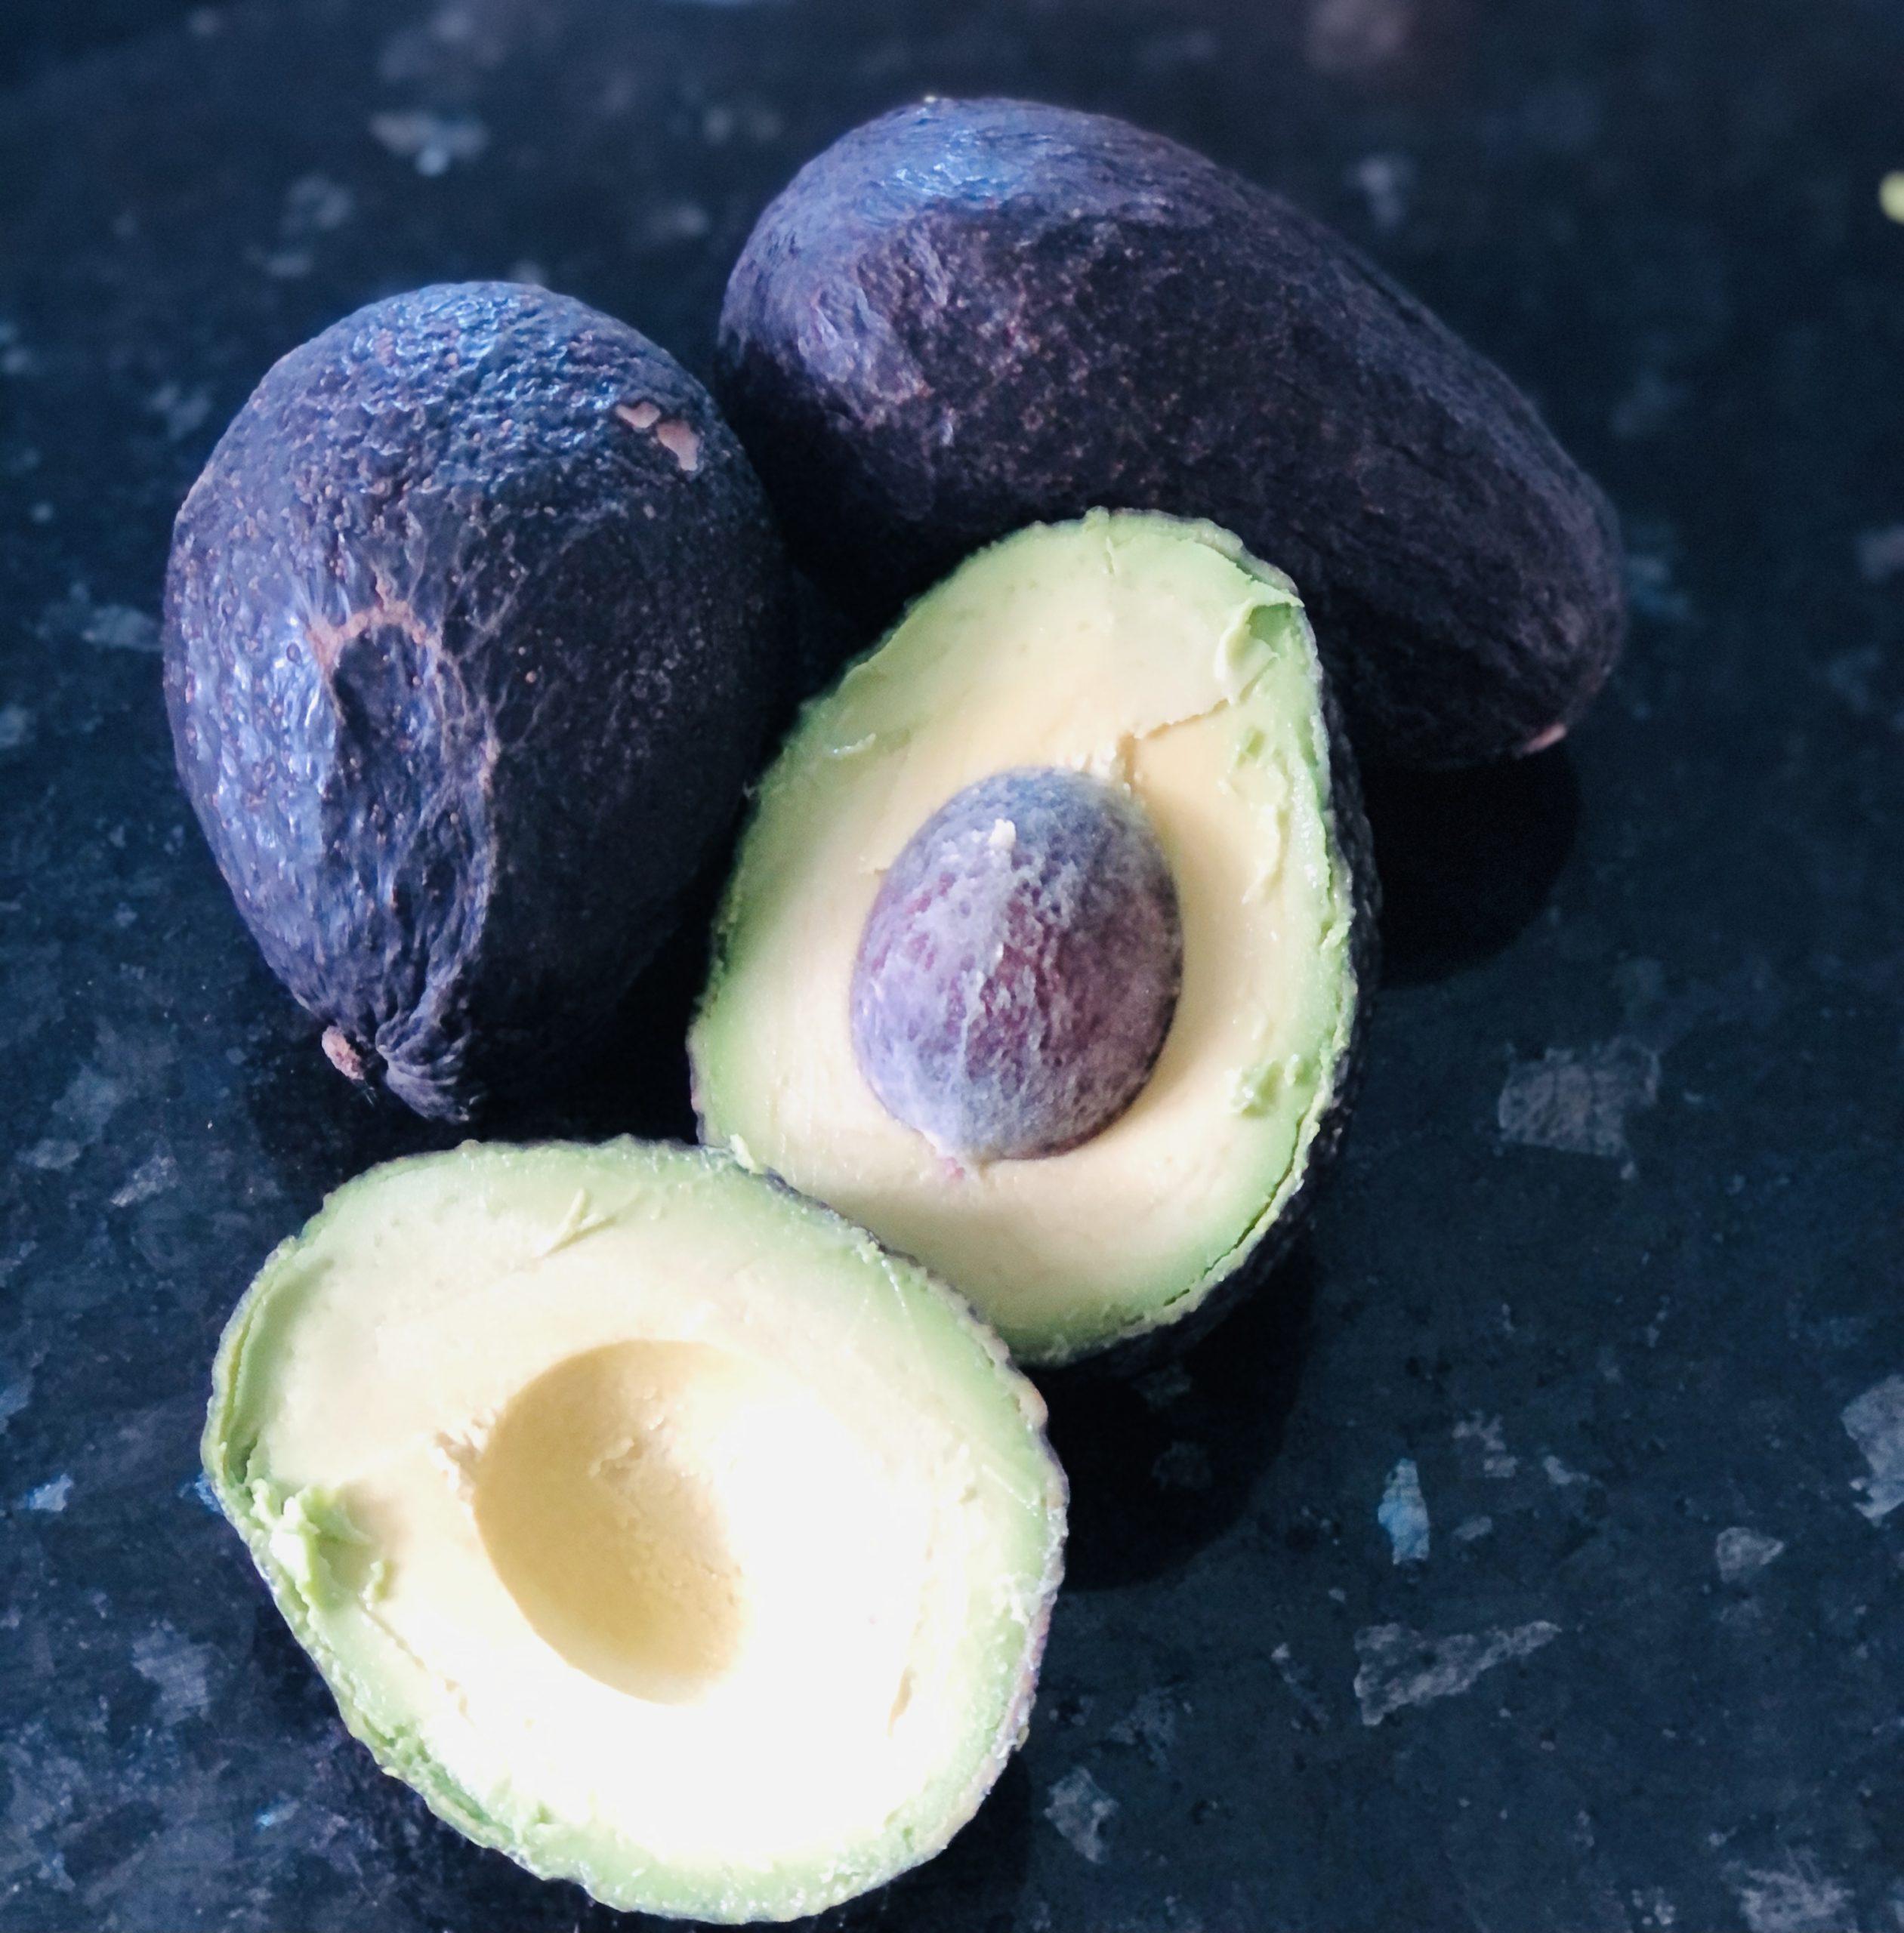 Vegan Chocolate Avocado Mousse avocados